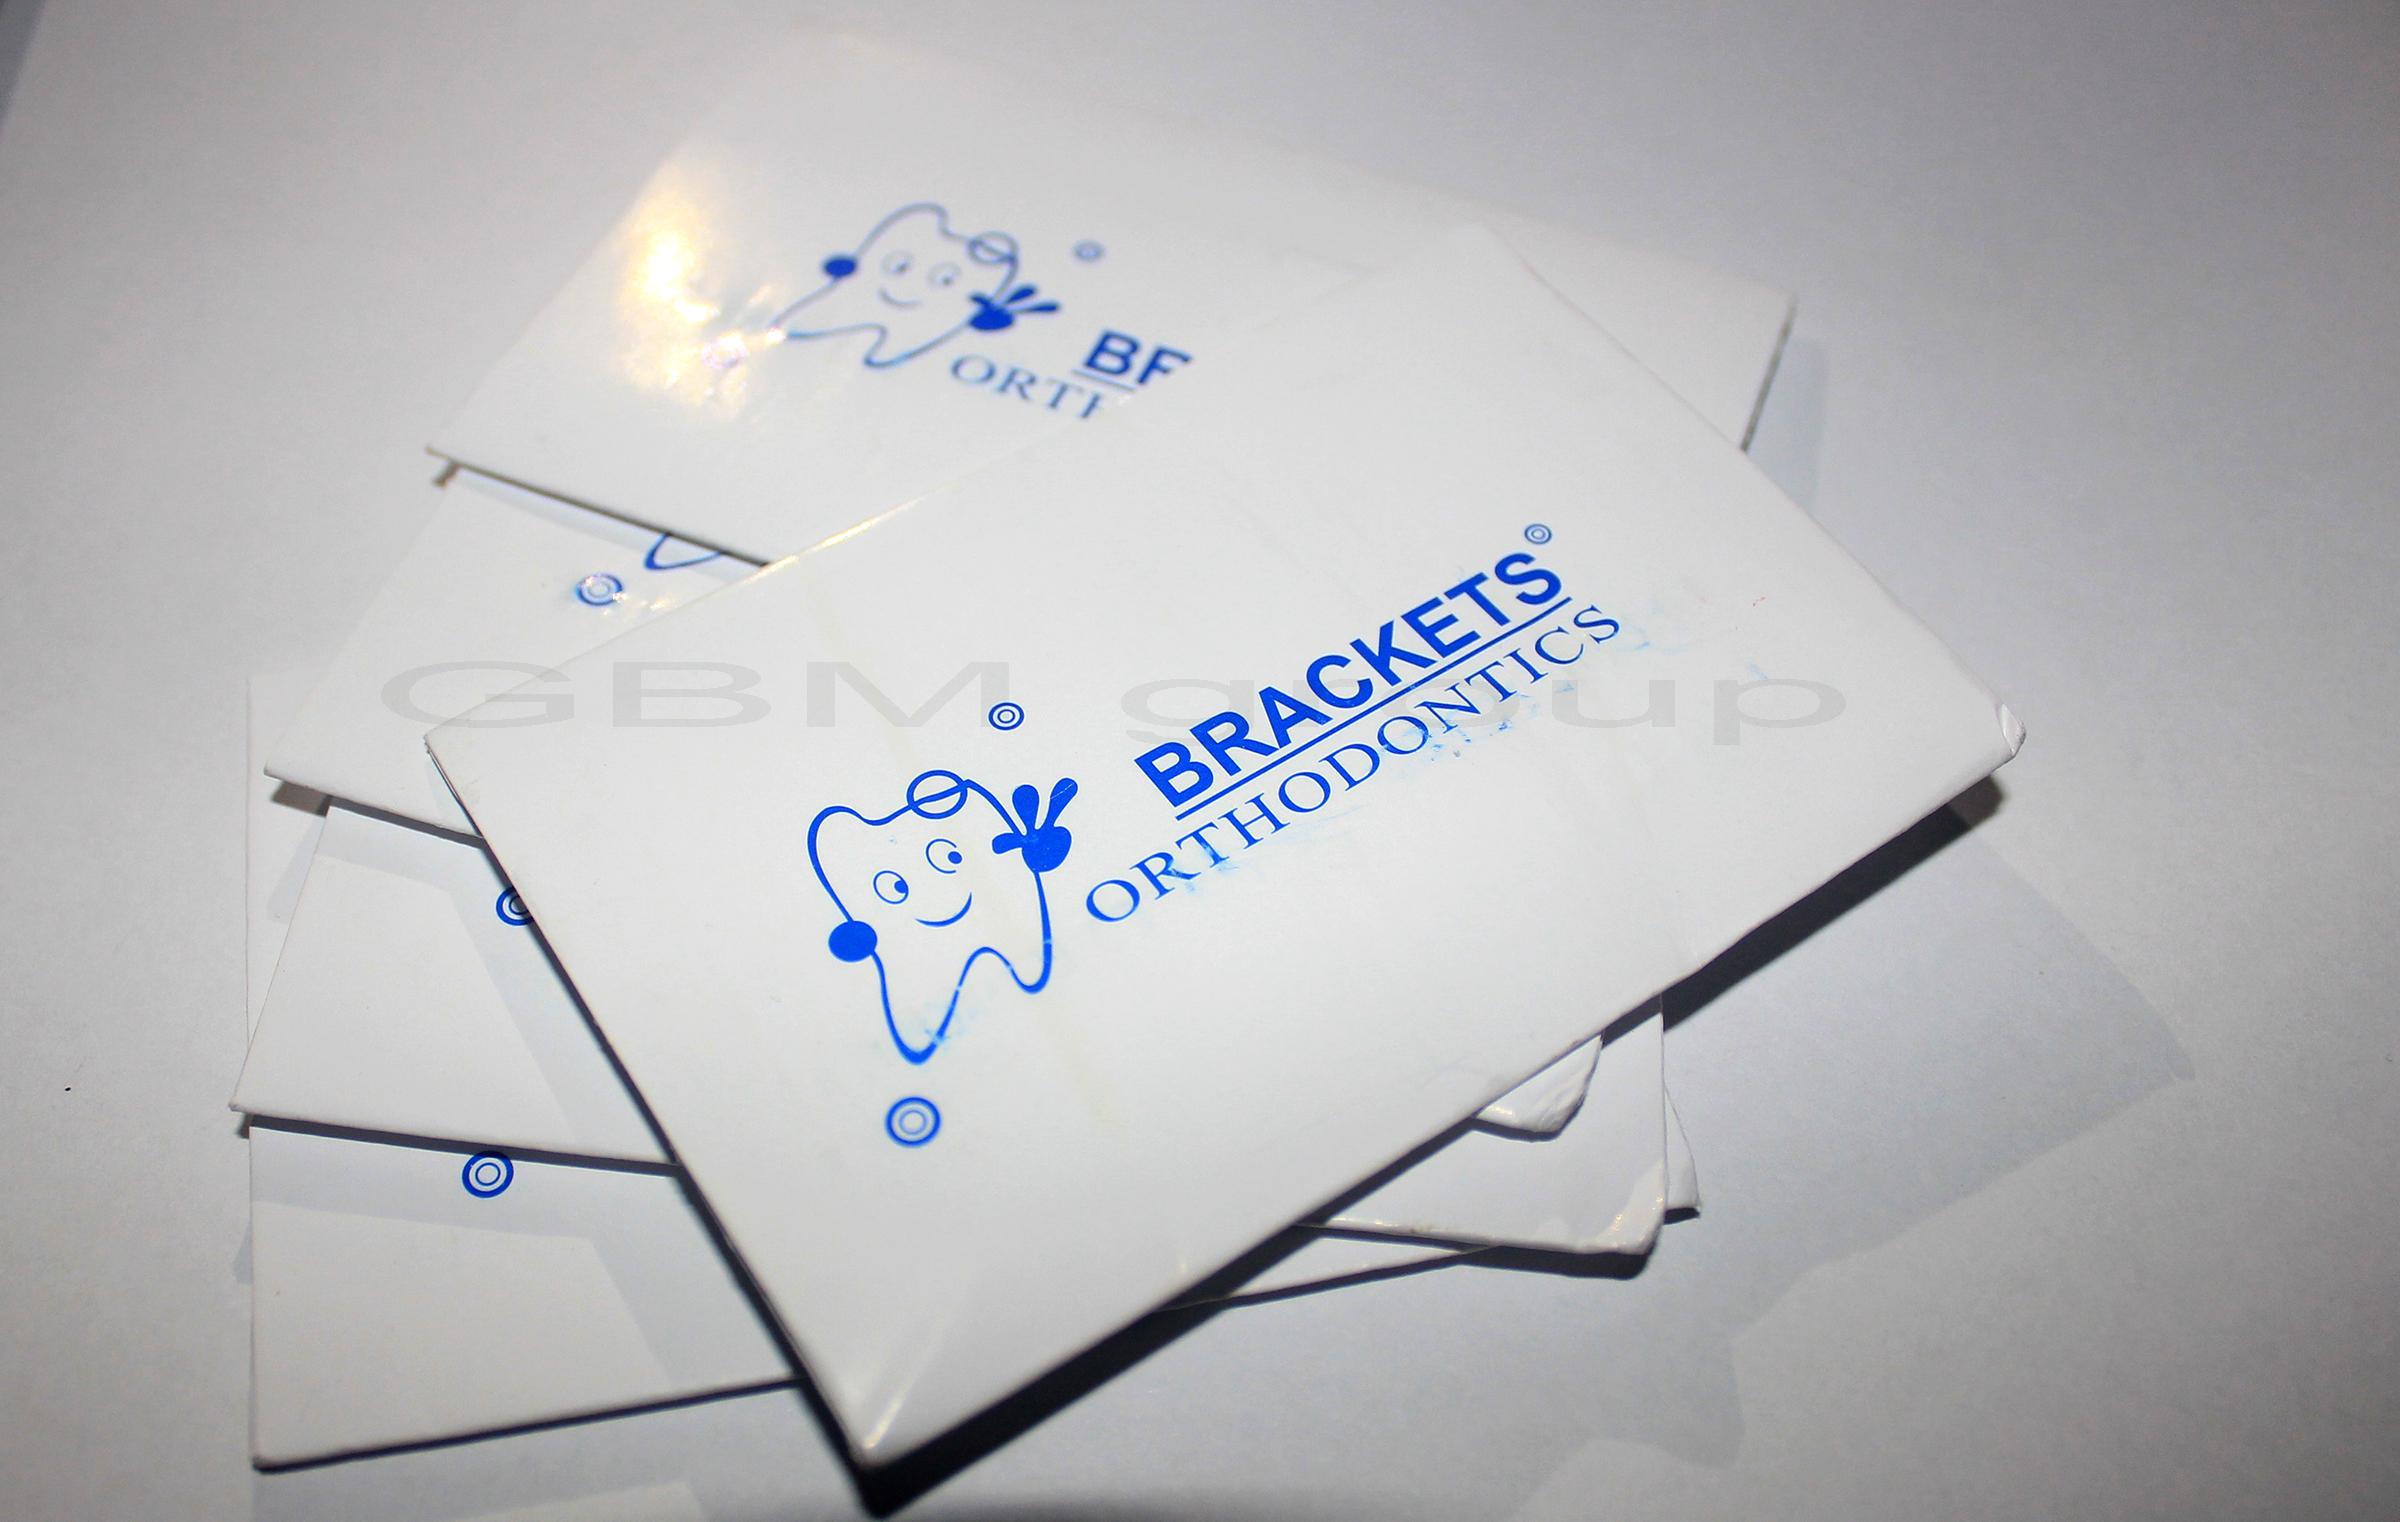 Jual Bracket Behel Permanen Amplop Orthodontics Isi 5 Harga 10  Best Seller Orthodontic Jangan Dibandingkan Lagi Sudah Termurah Dari Paling Murah Img 9657